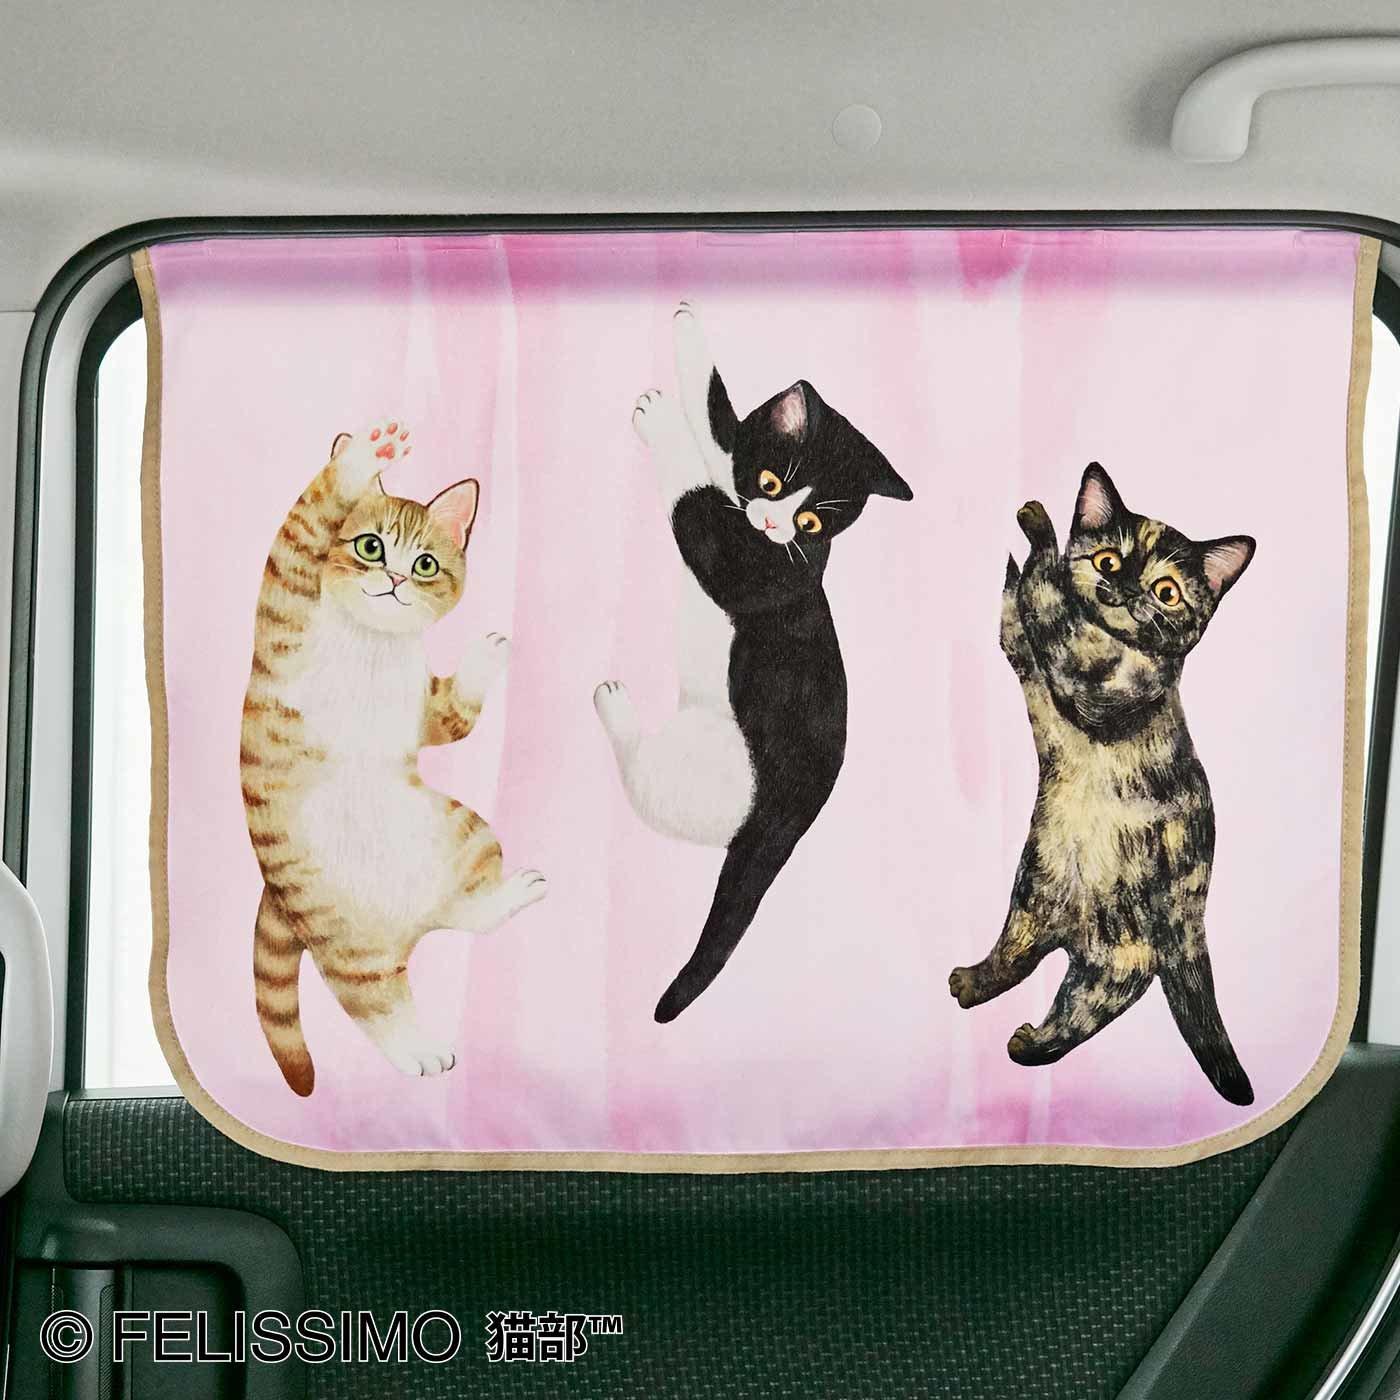 猫が車の中でかくれんぼ 車用カーテン〈ピンク〉